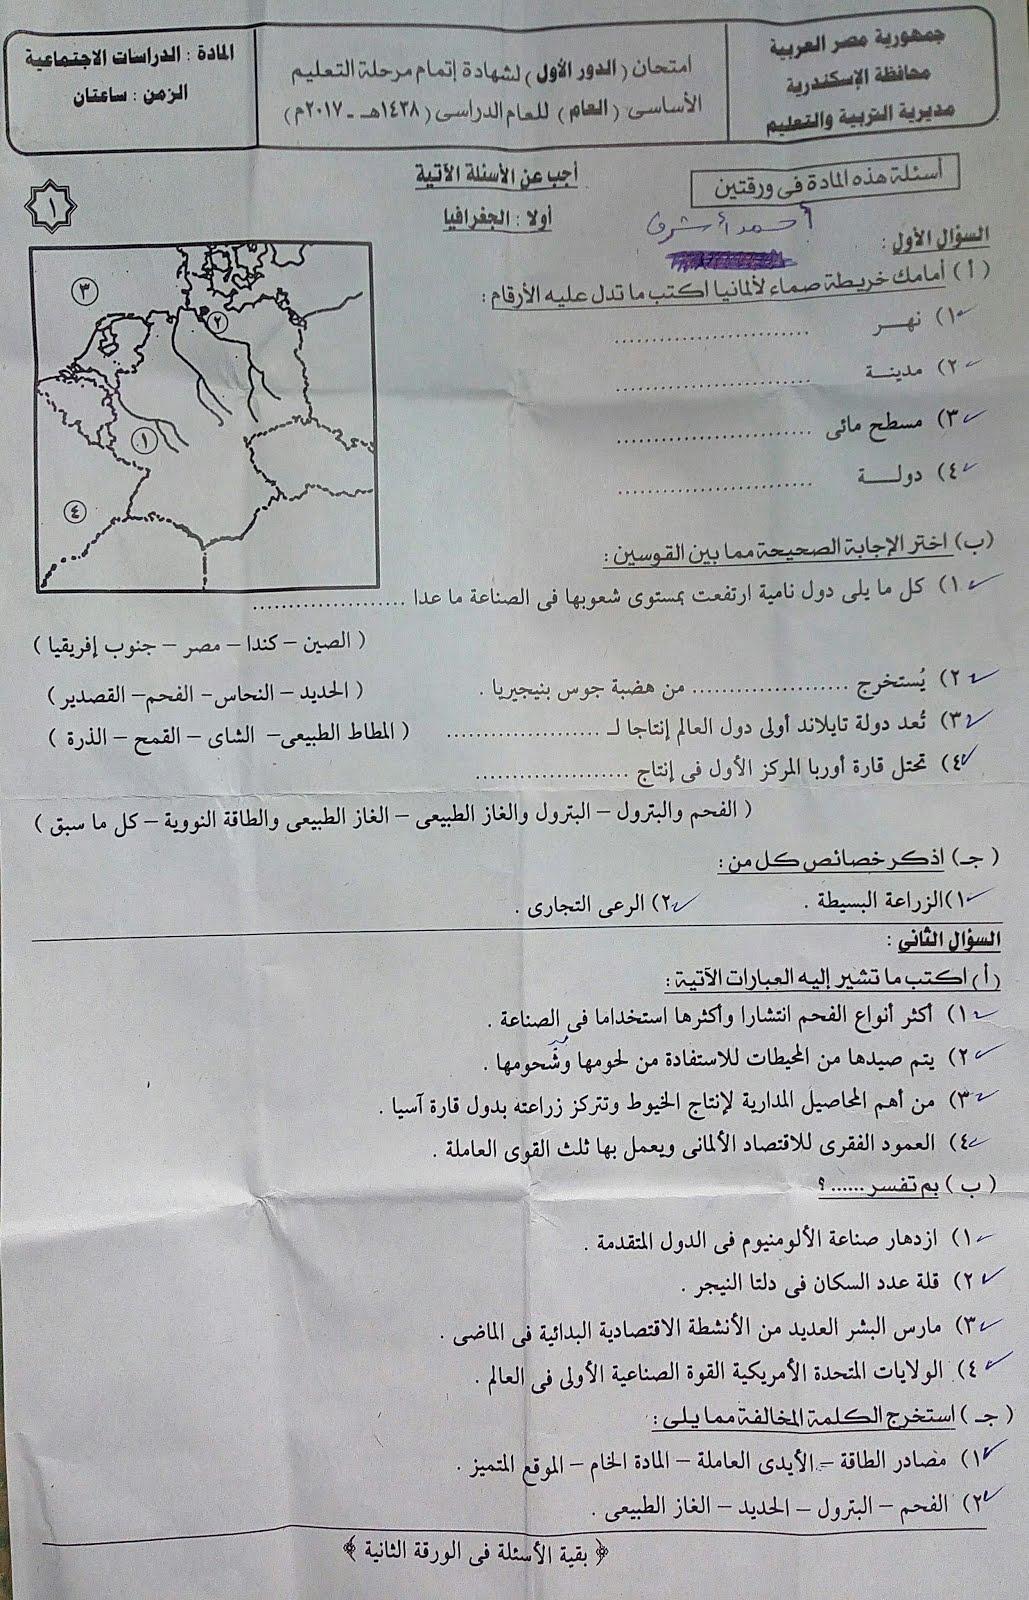 امتحان الدراسات الاجتماعية محافظة الاسكندرية للصف الثالث الاعدادى الترم الثاني 2017